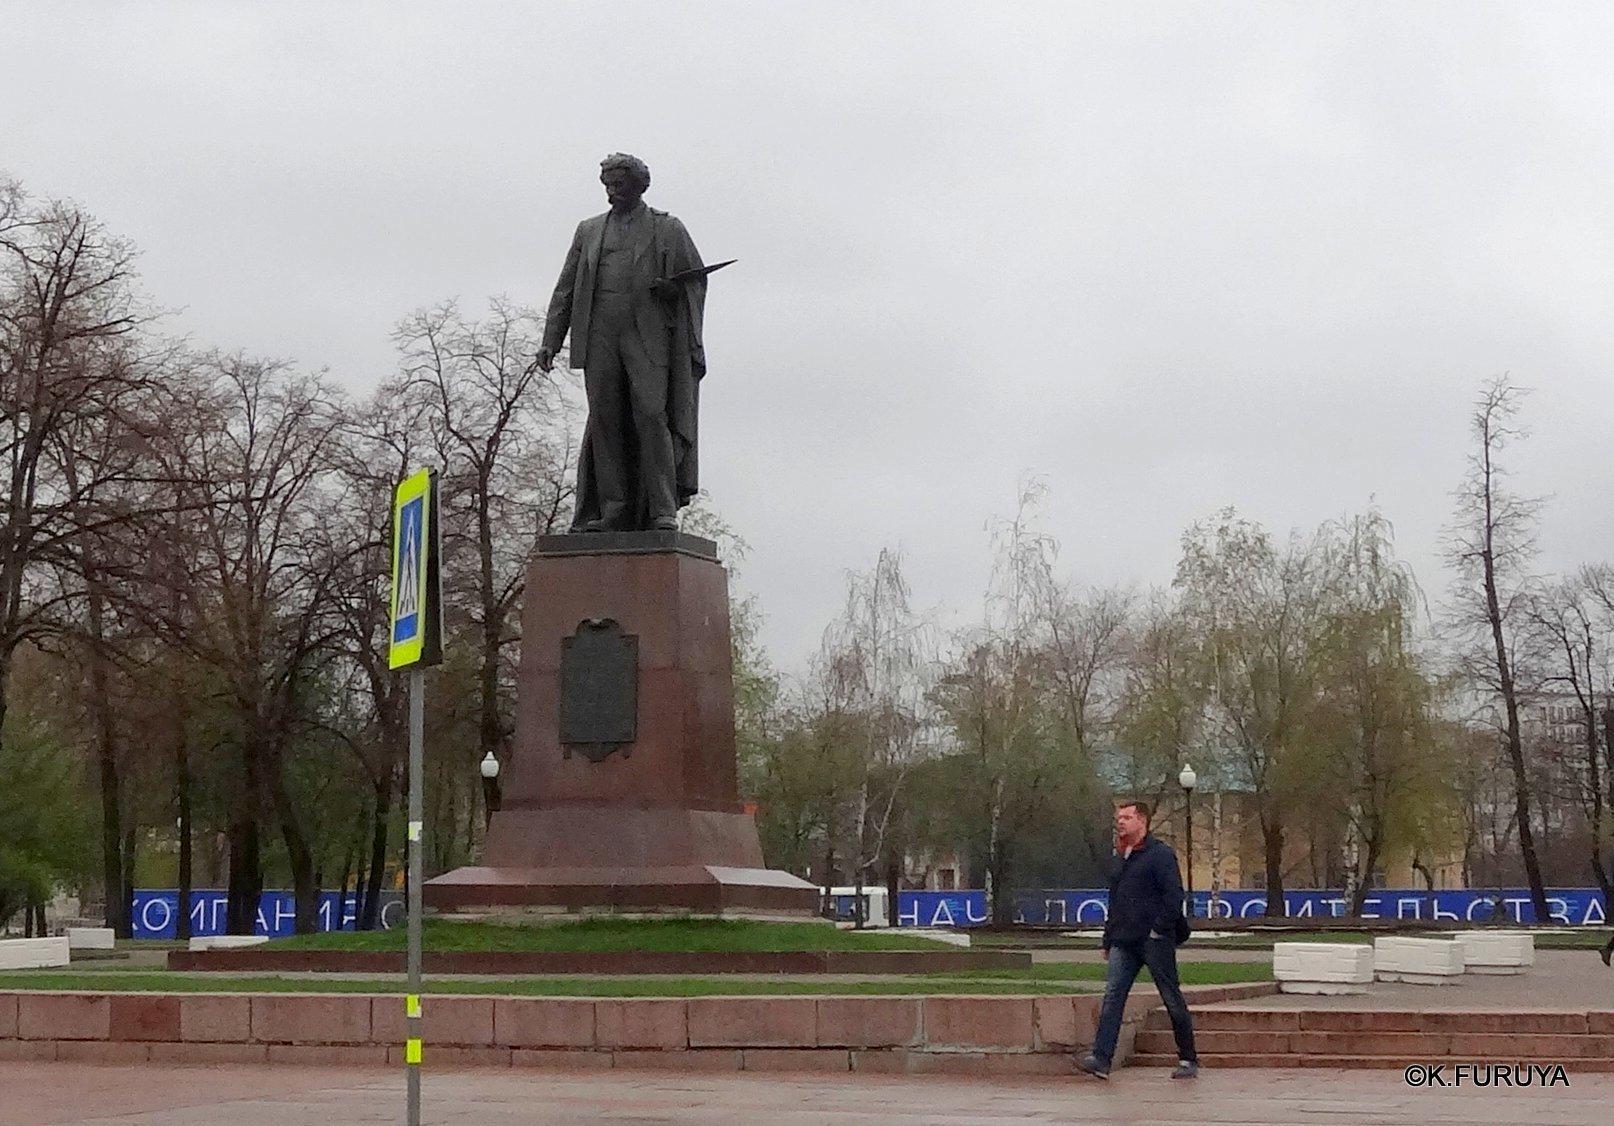 ロシアの旅 22 トレチャコフ美術館 1_a0092659_16374758.jpg